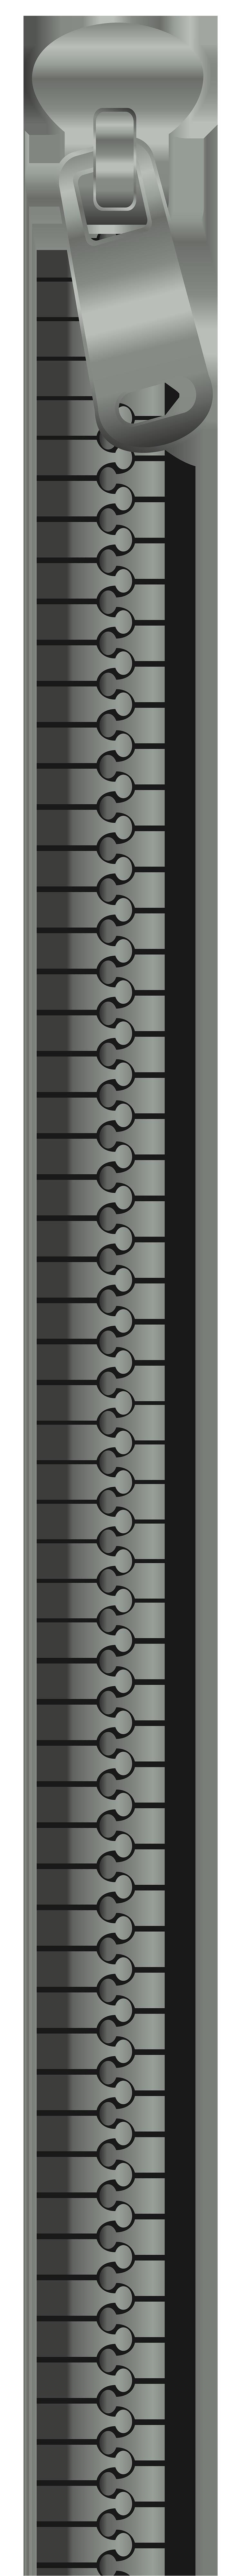 Png clip art image. Zipper clipart closed